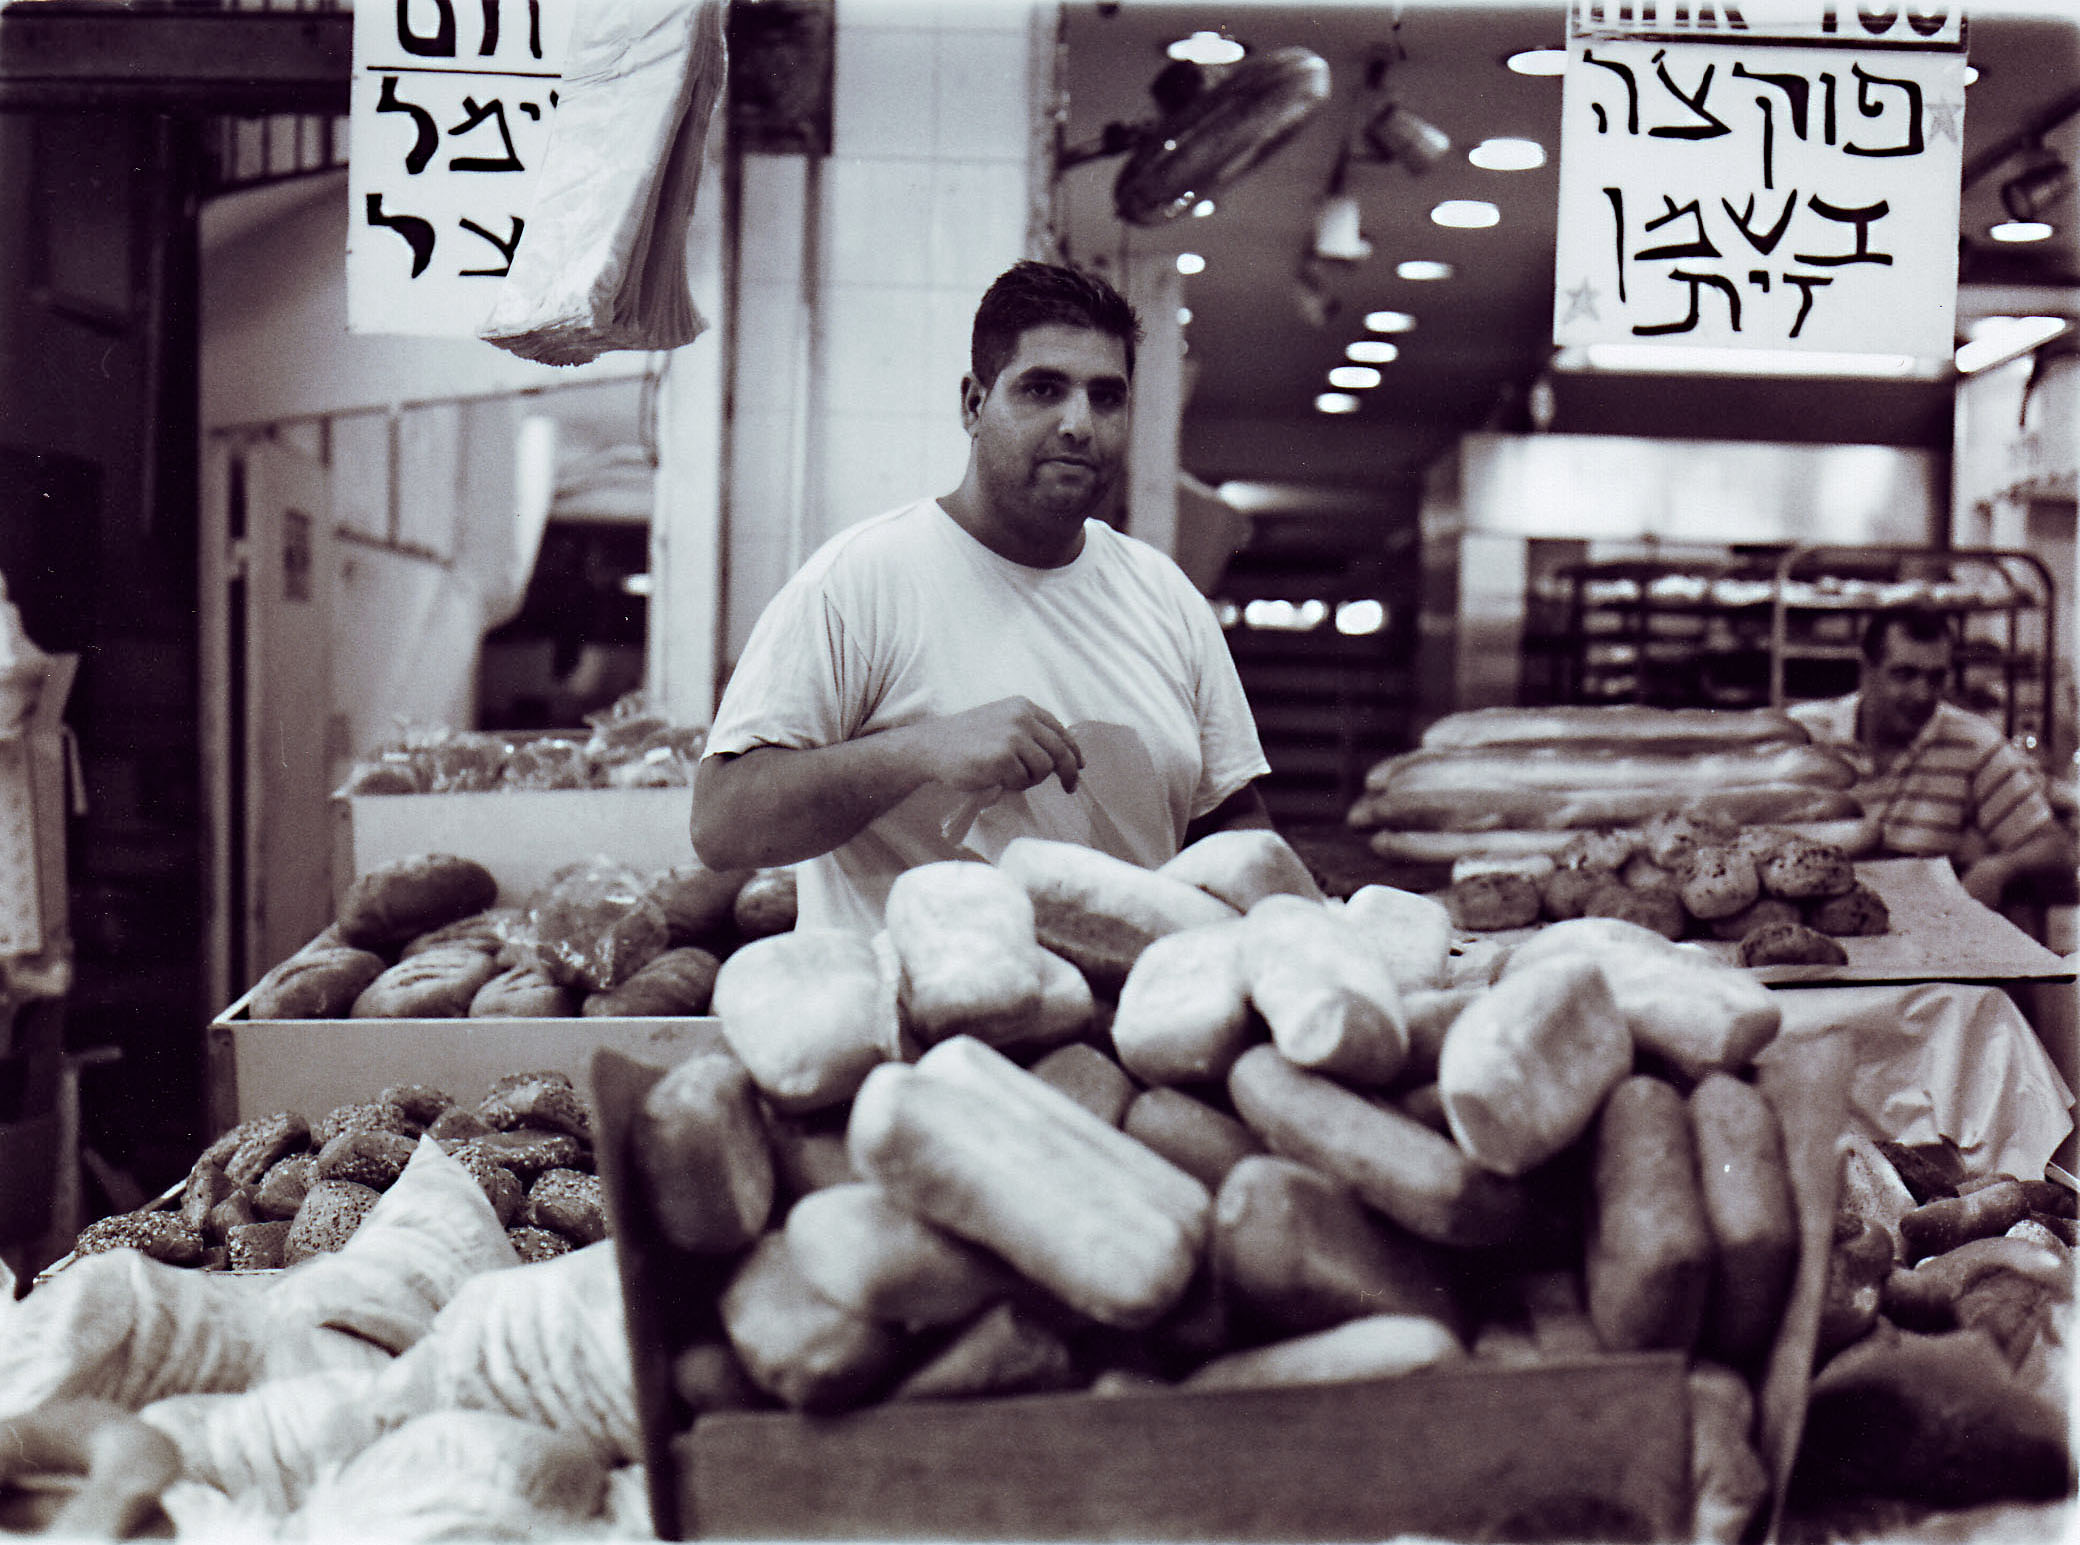 israel_57.jpg